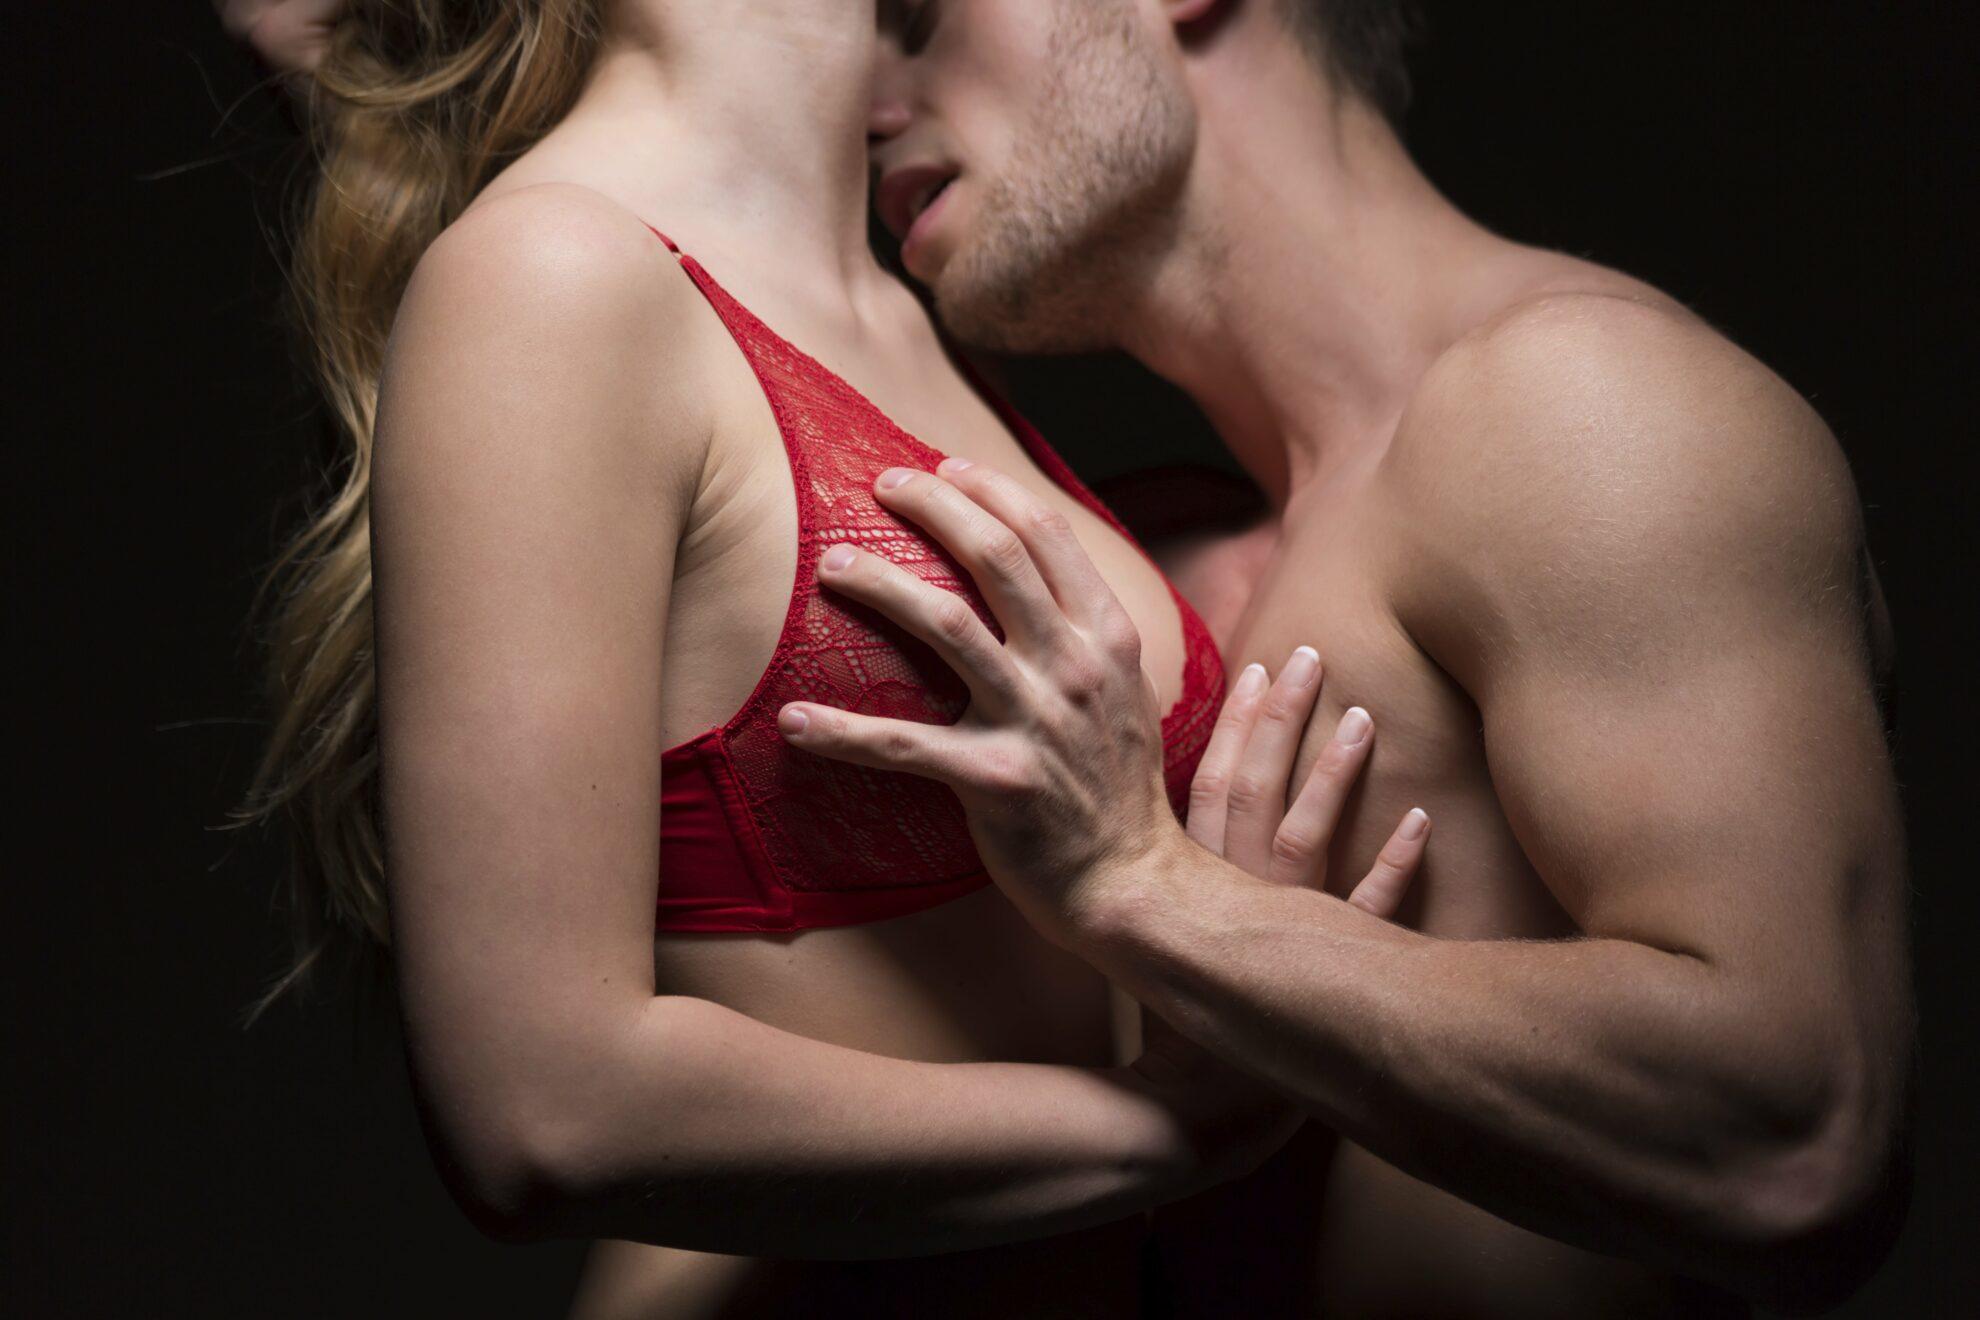 Страстно целуются и трахаются